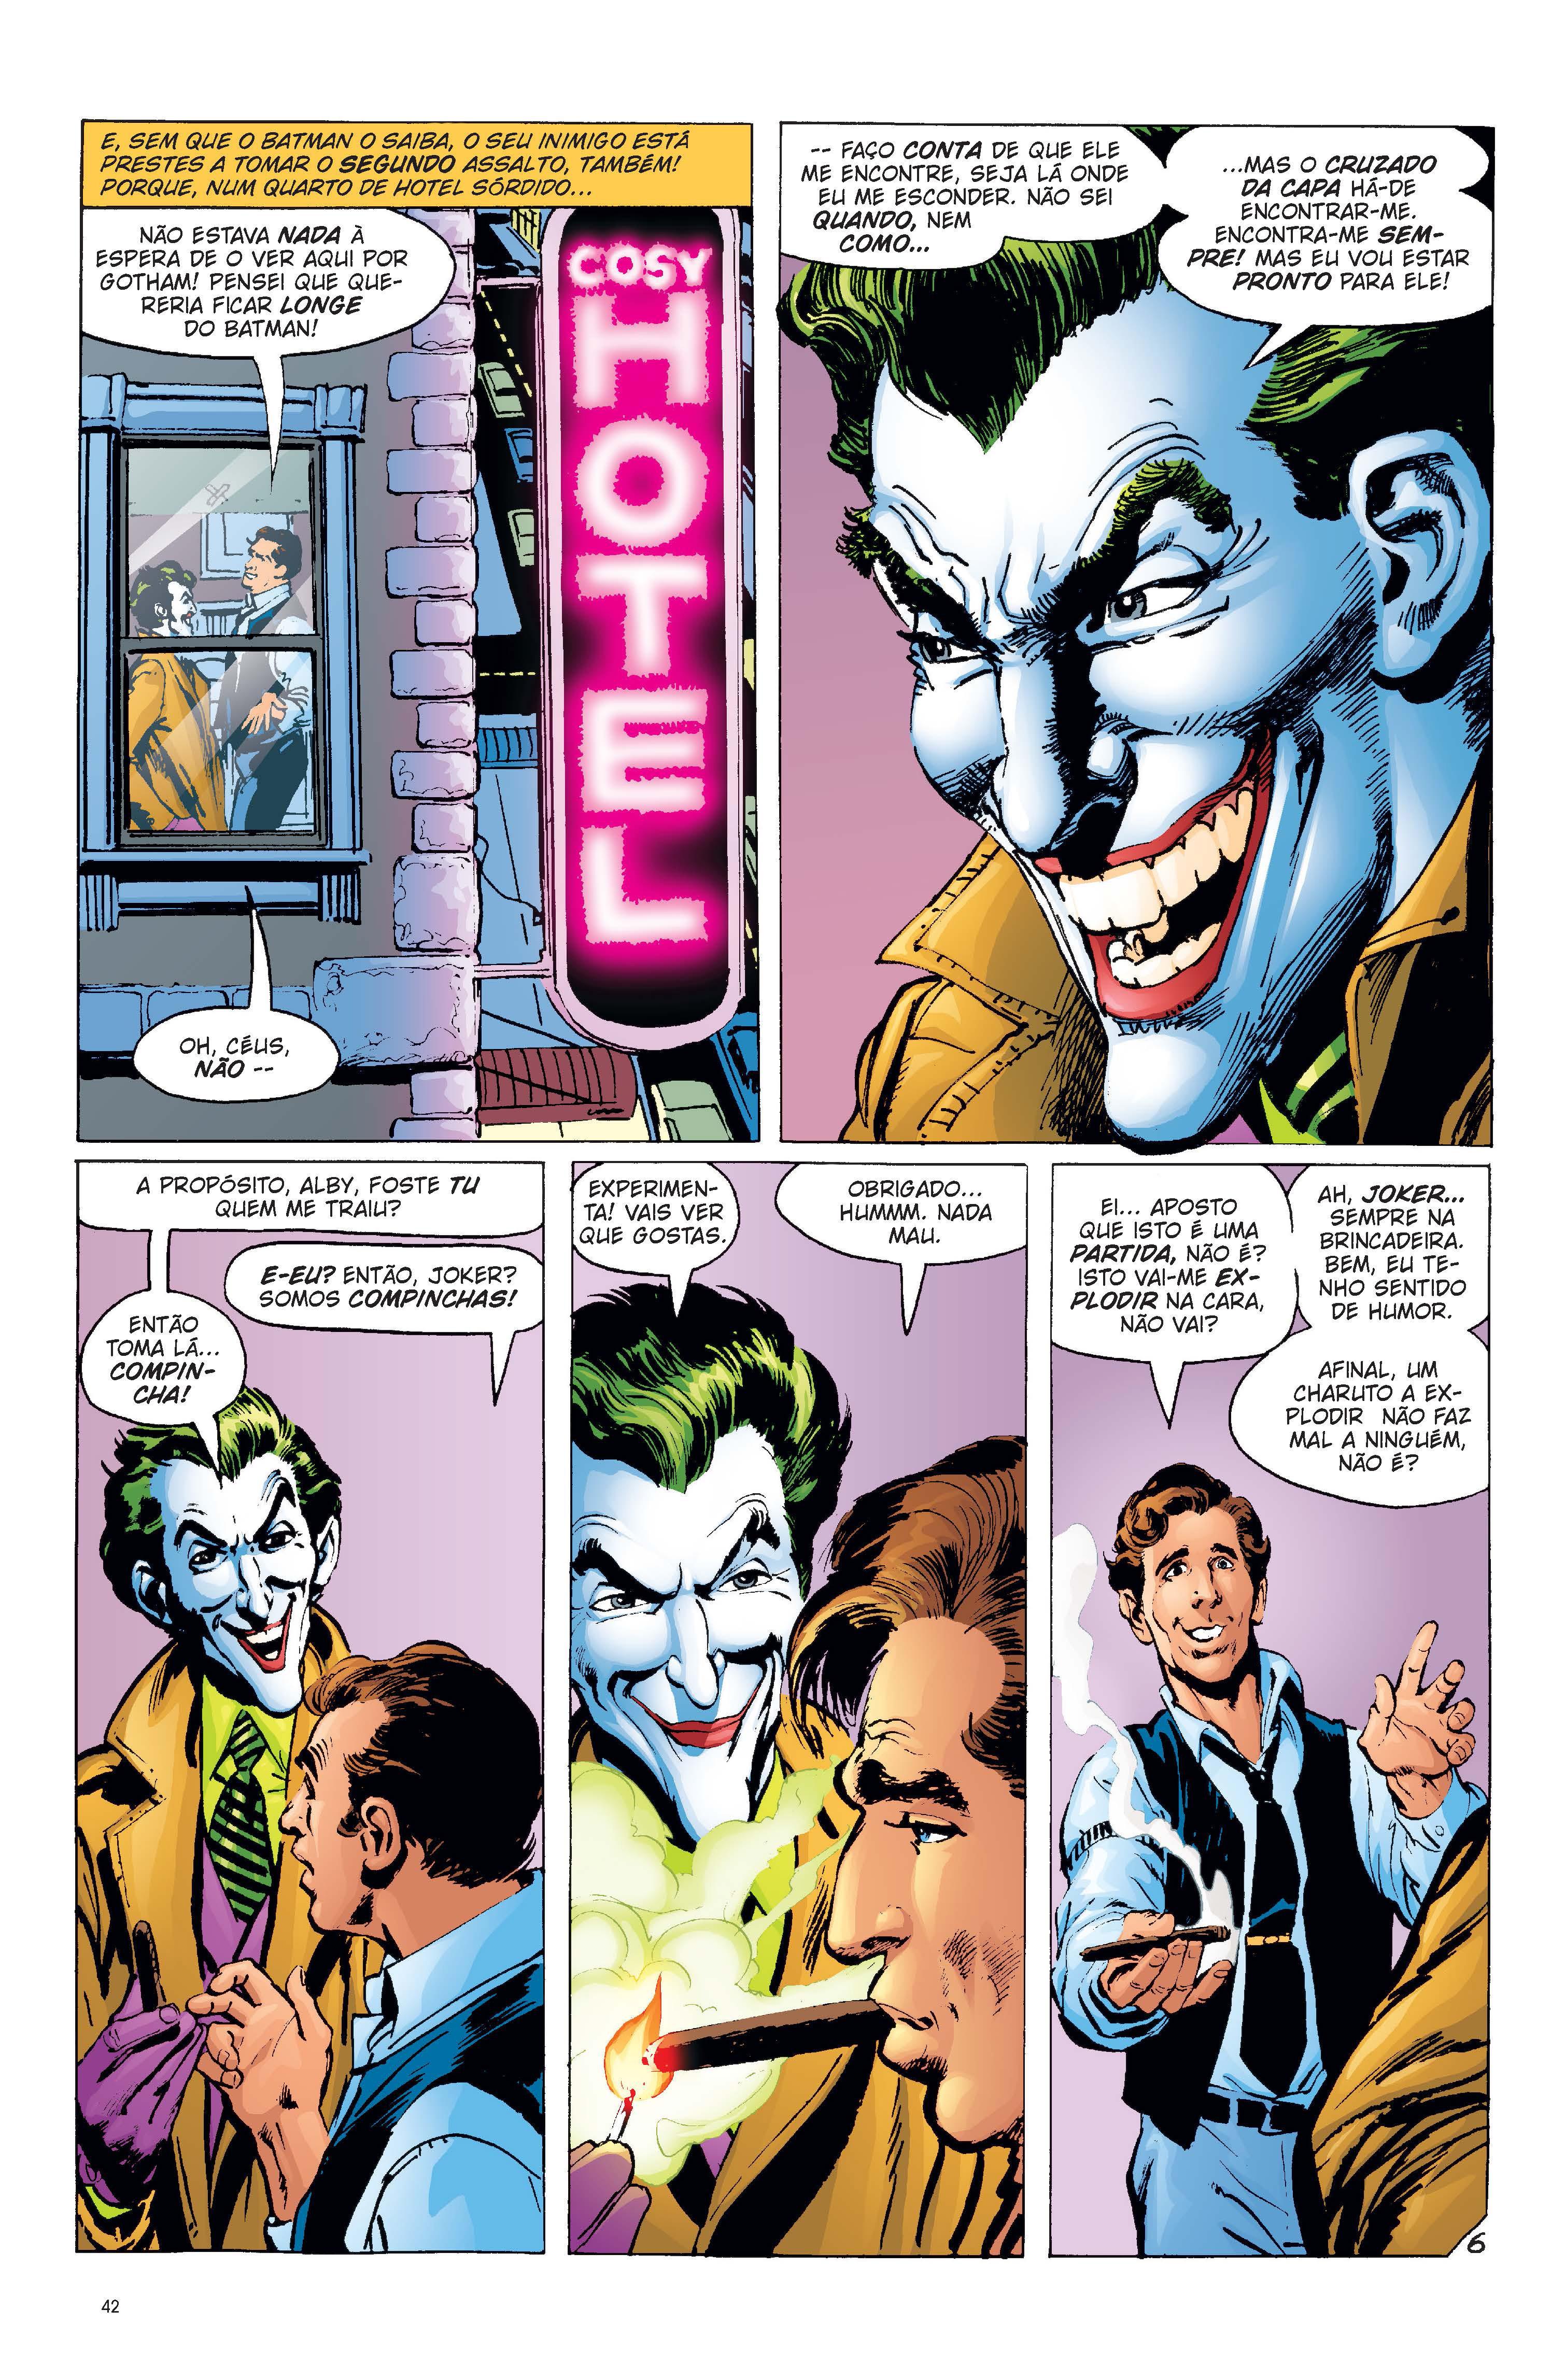 A Levoir traz uma nova colecção da DC Comics com quem assinou um novo acordo para publicar as edições do […]